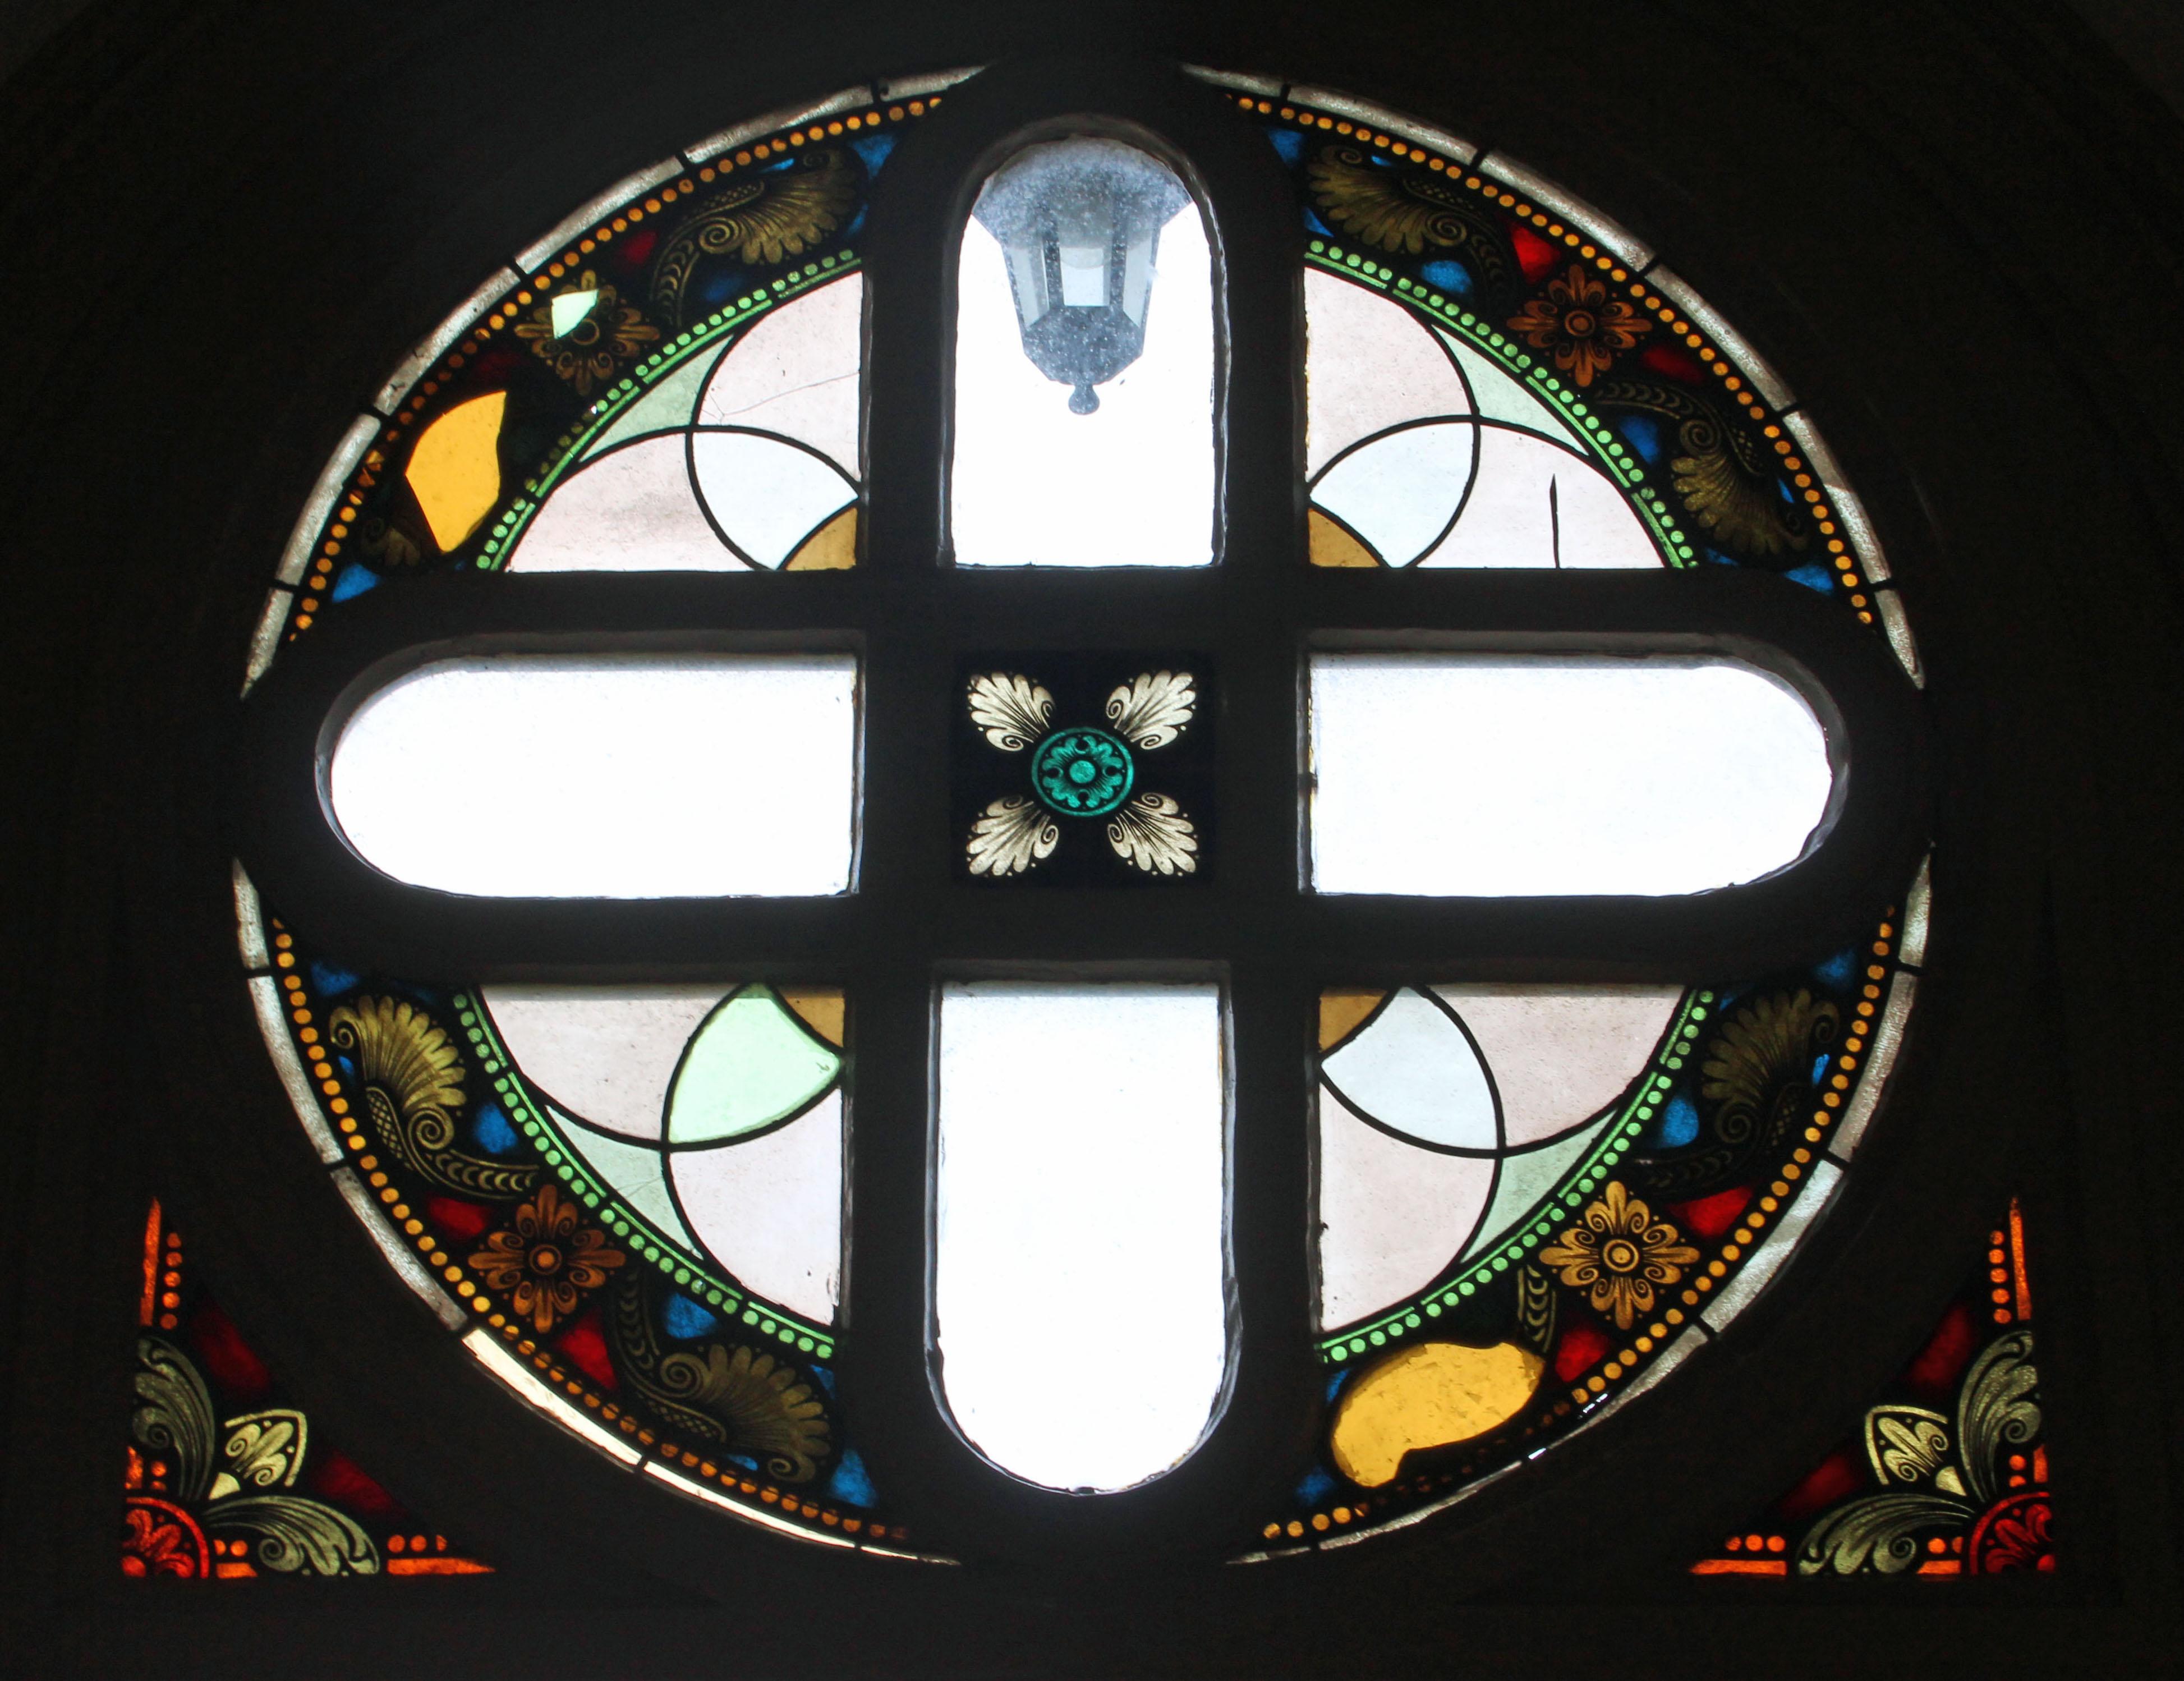 bekennende kirche ziele